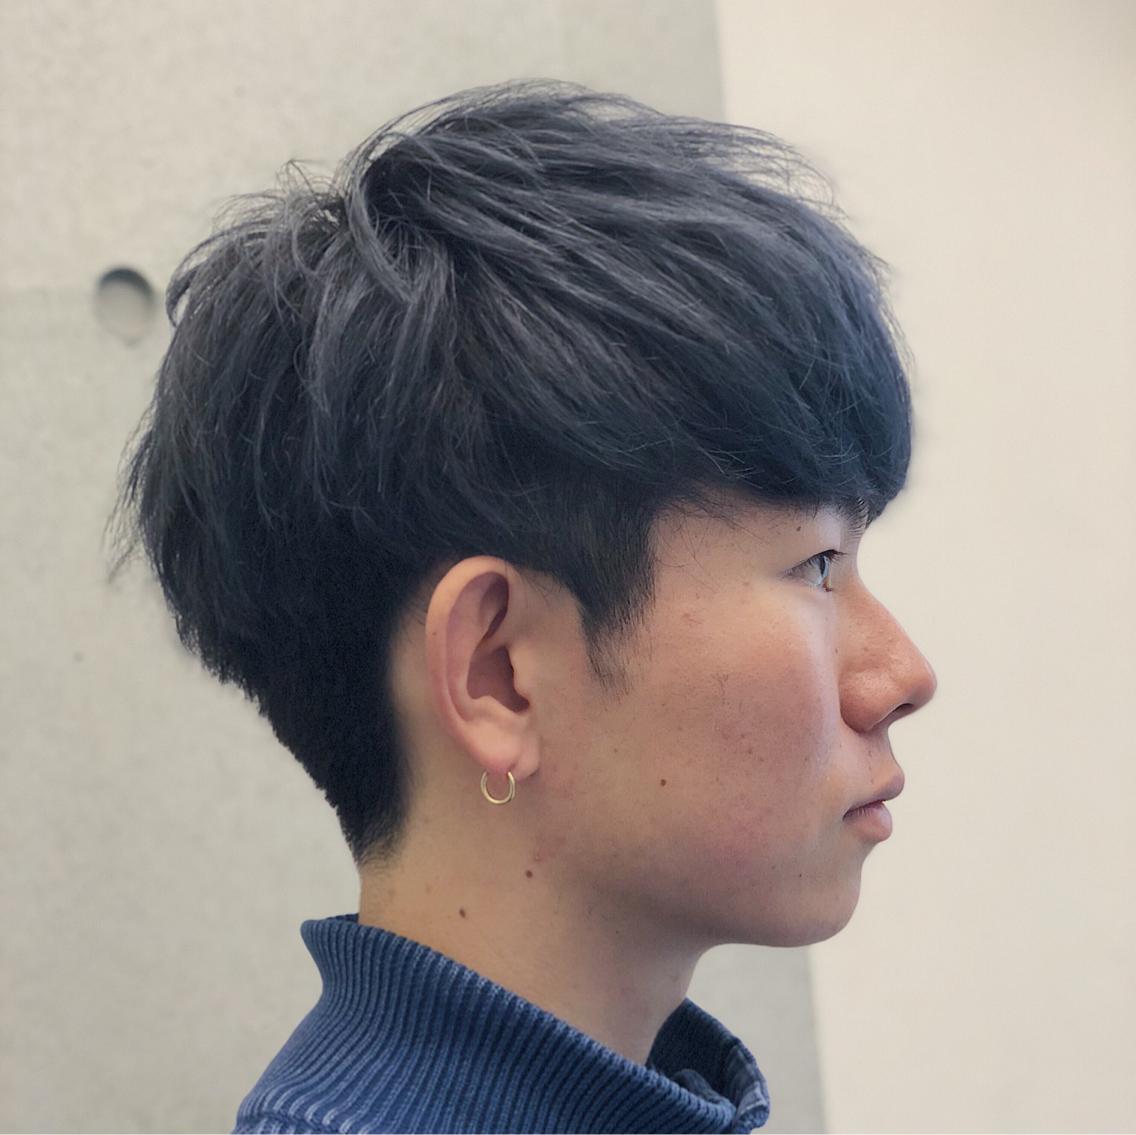 横から見たブルーアッシュカラーの刈り上げマッシュヘアの画像